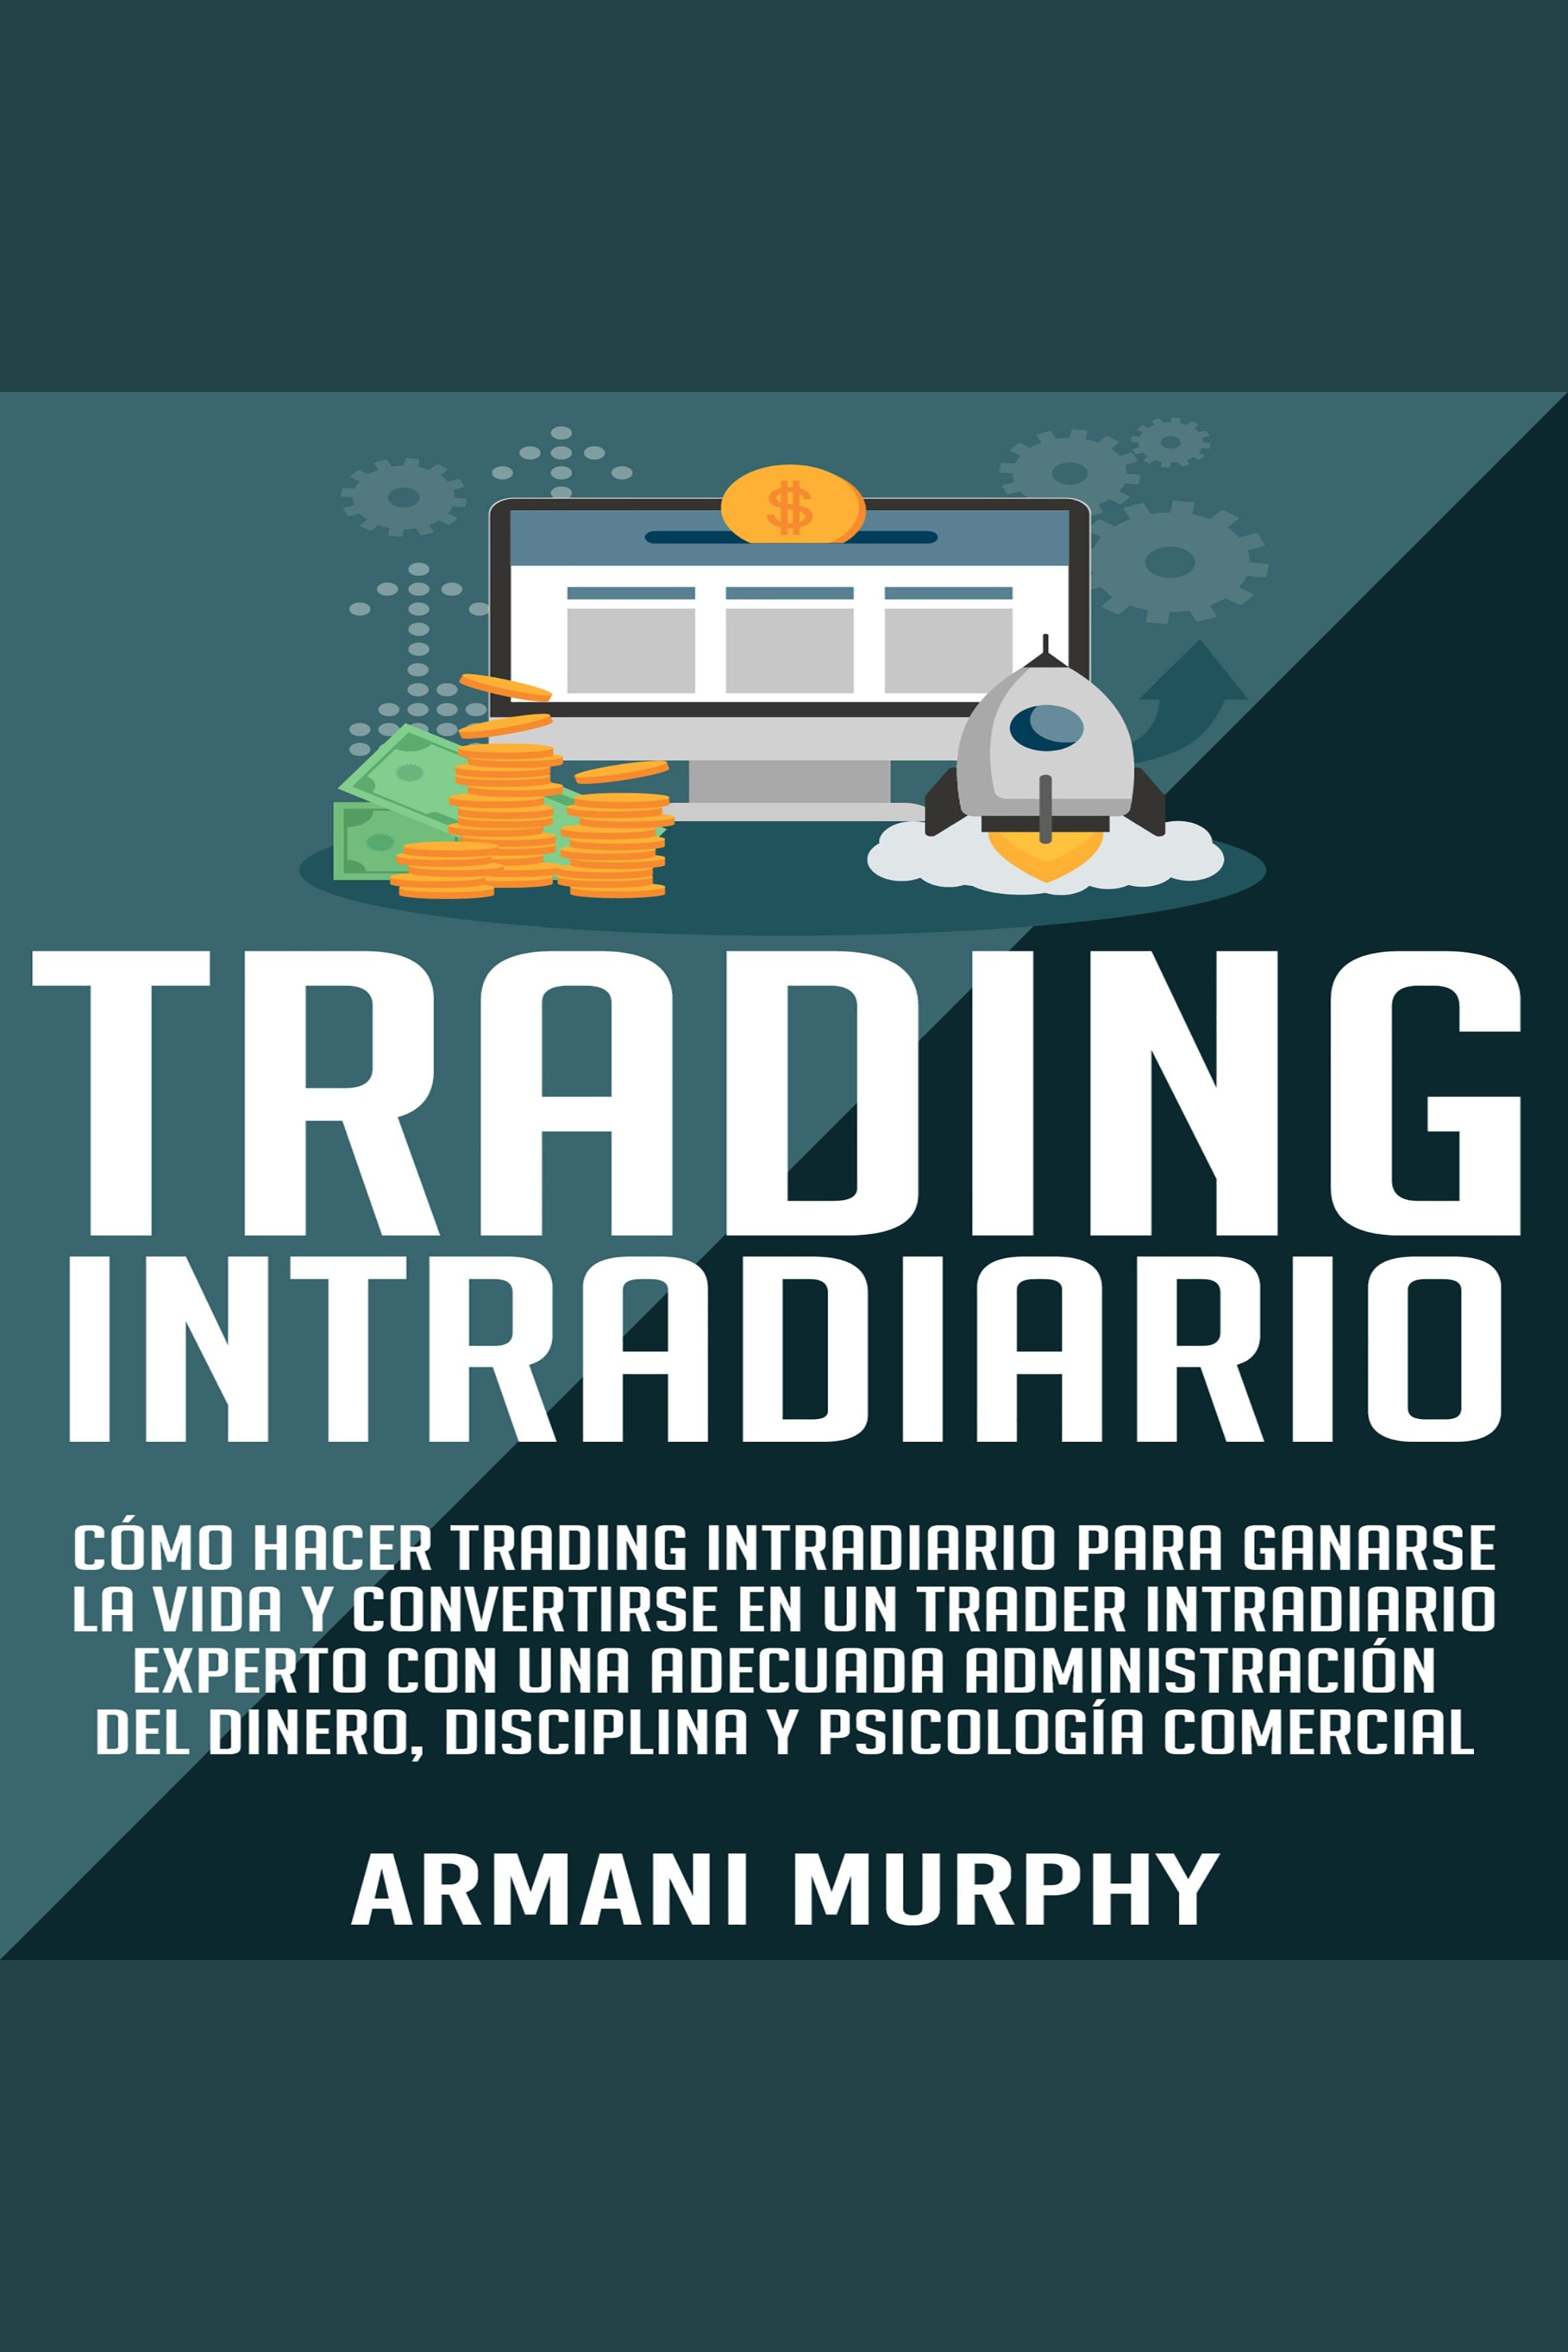 Esta es la portada del audiolibro Trading Intradiario